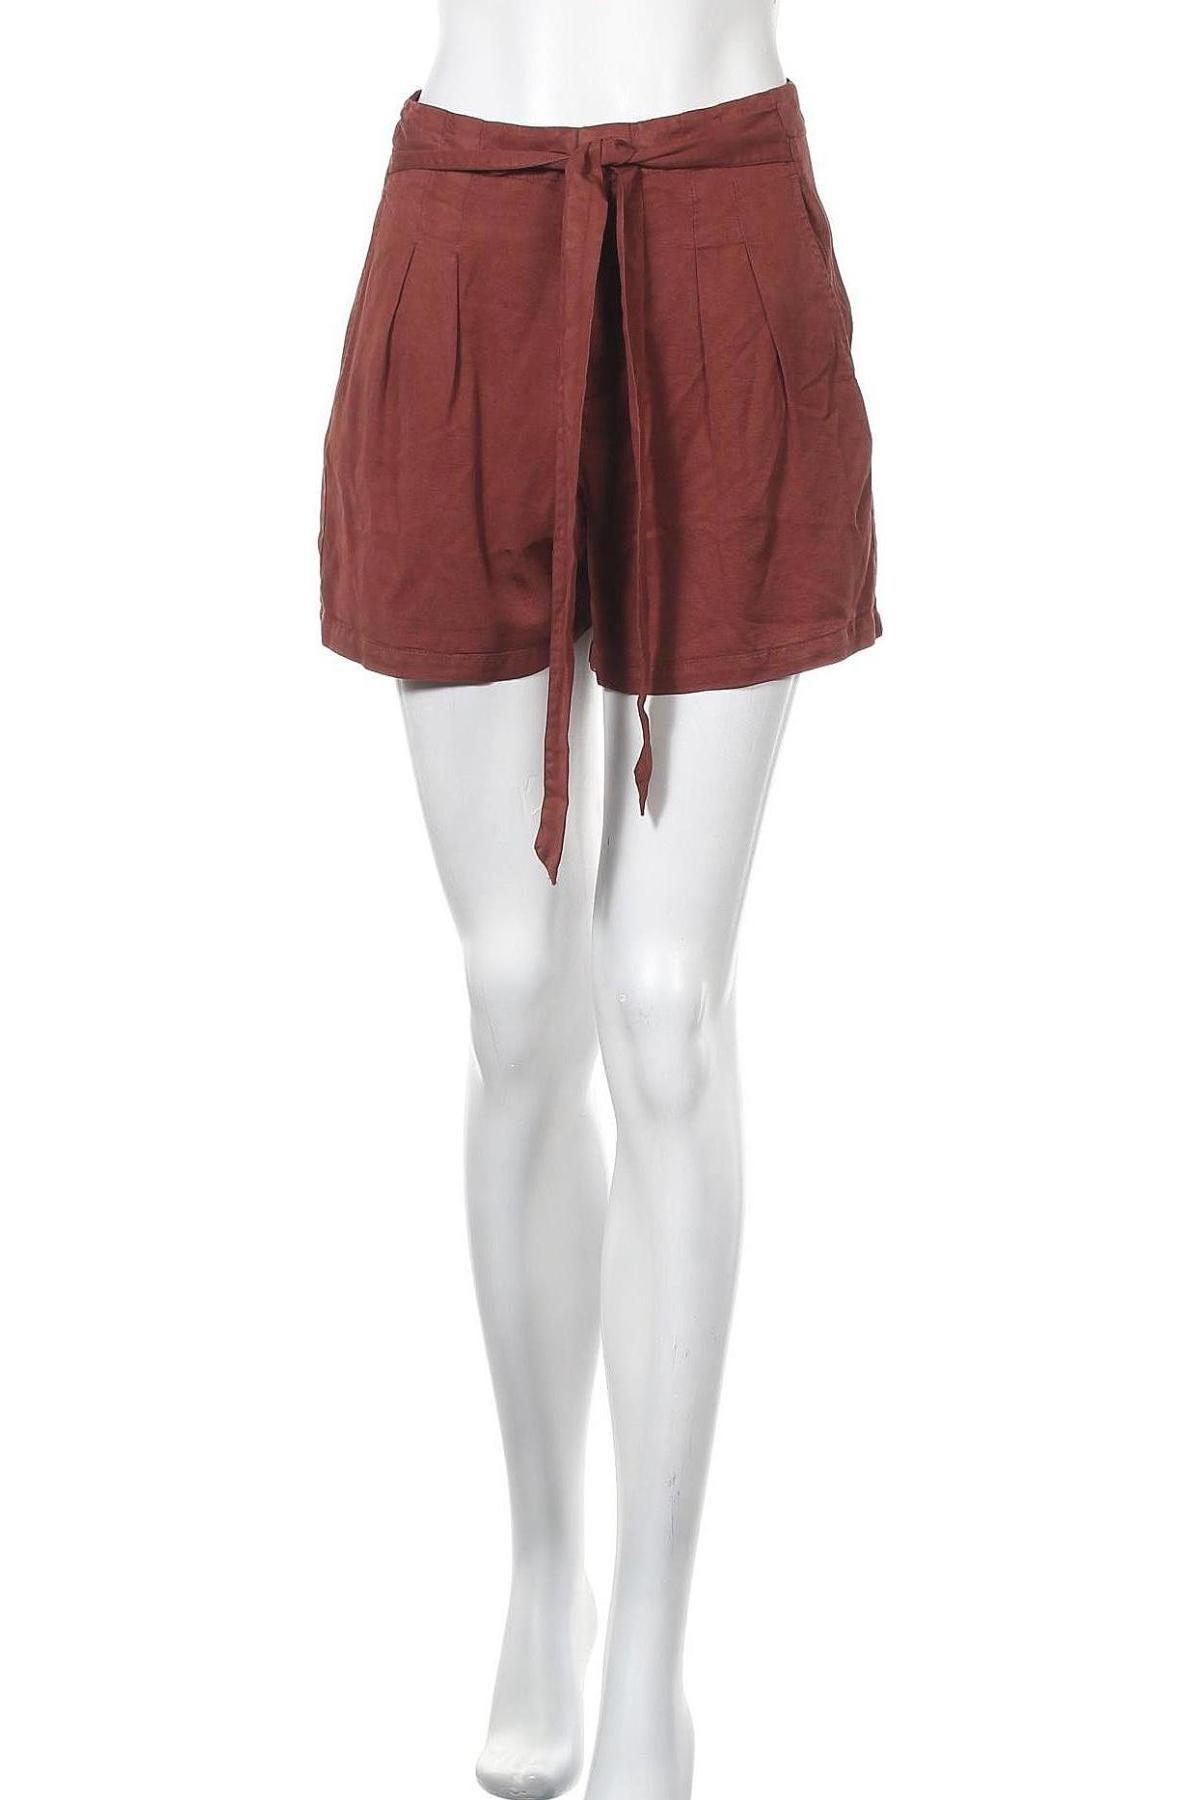 Γυναικείο κοντό παντελόνι Vero Moda, Μέγεθος S, Χρώμα Κόκκινο, Τενσελ, Τιμή 14,65€